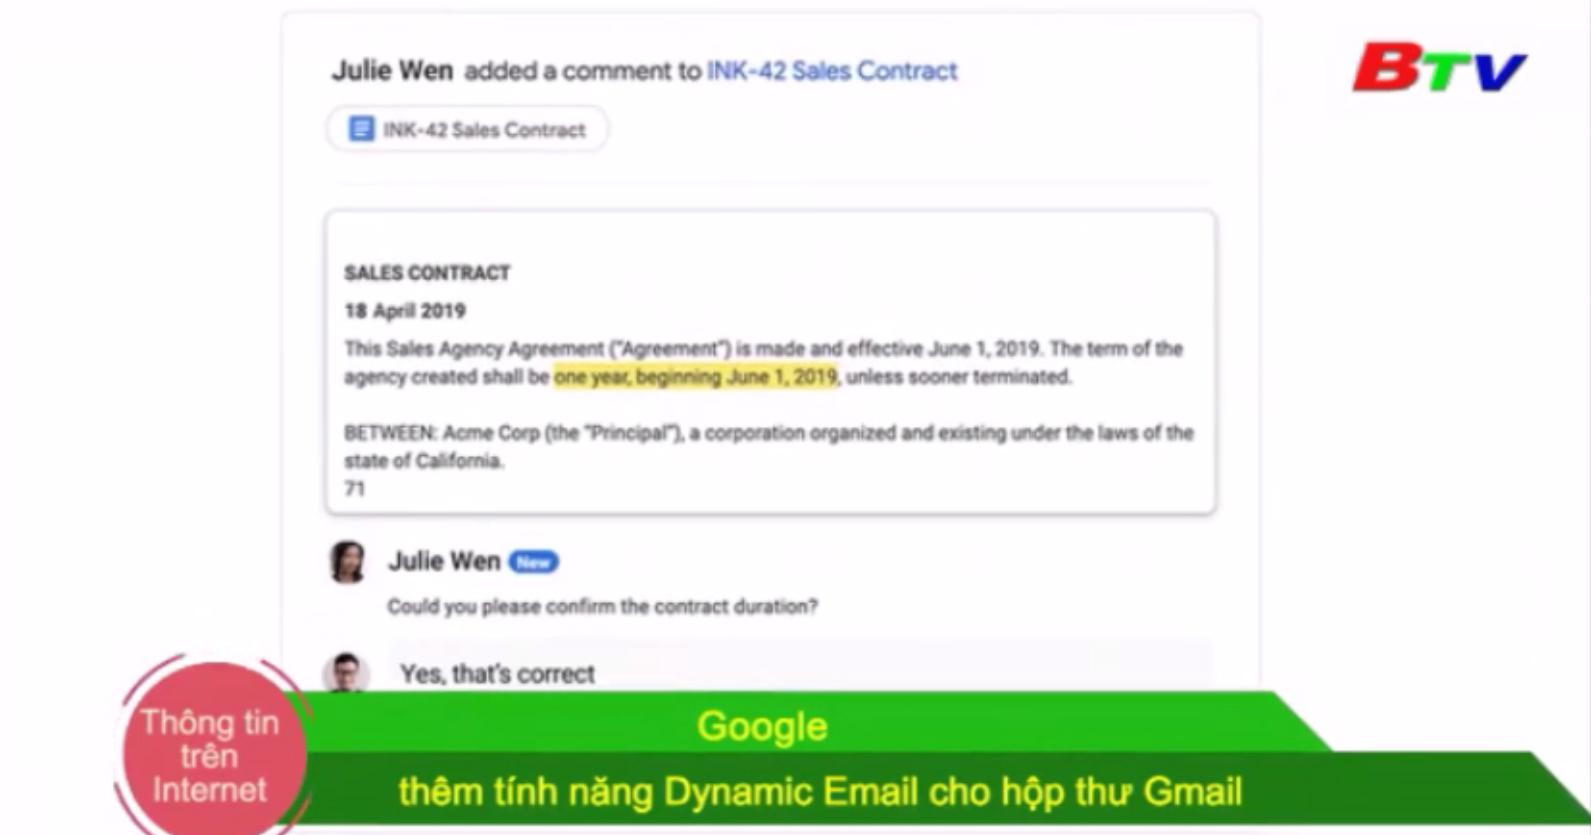 Google thêm tính năng Dynamic Email cho hộp thư Gmail